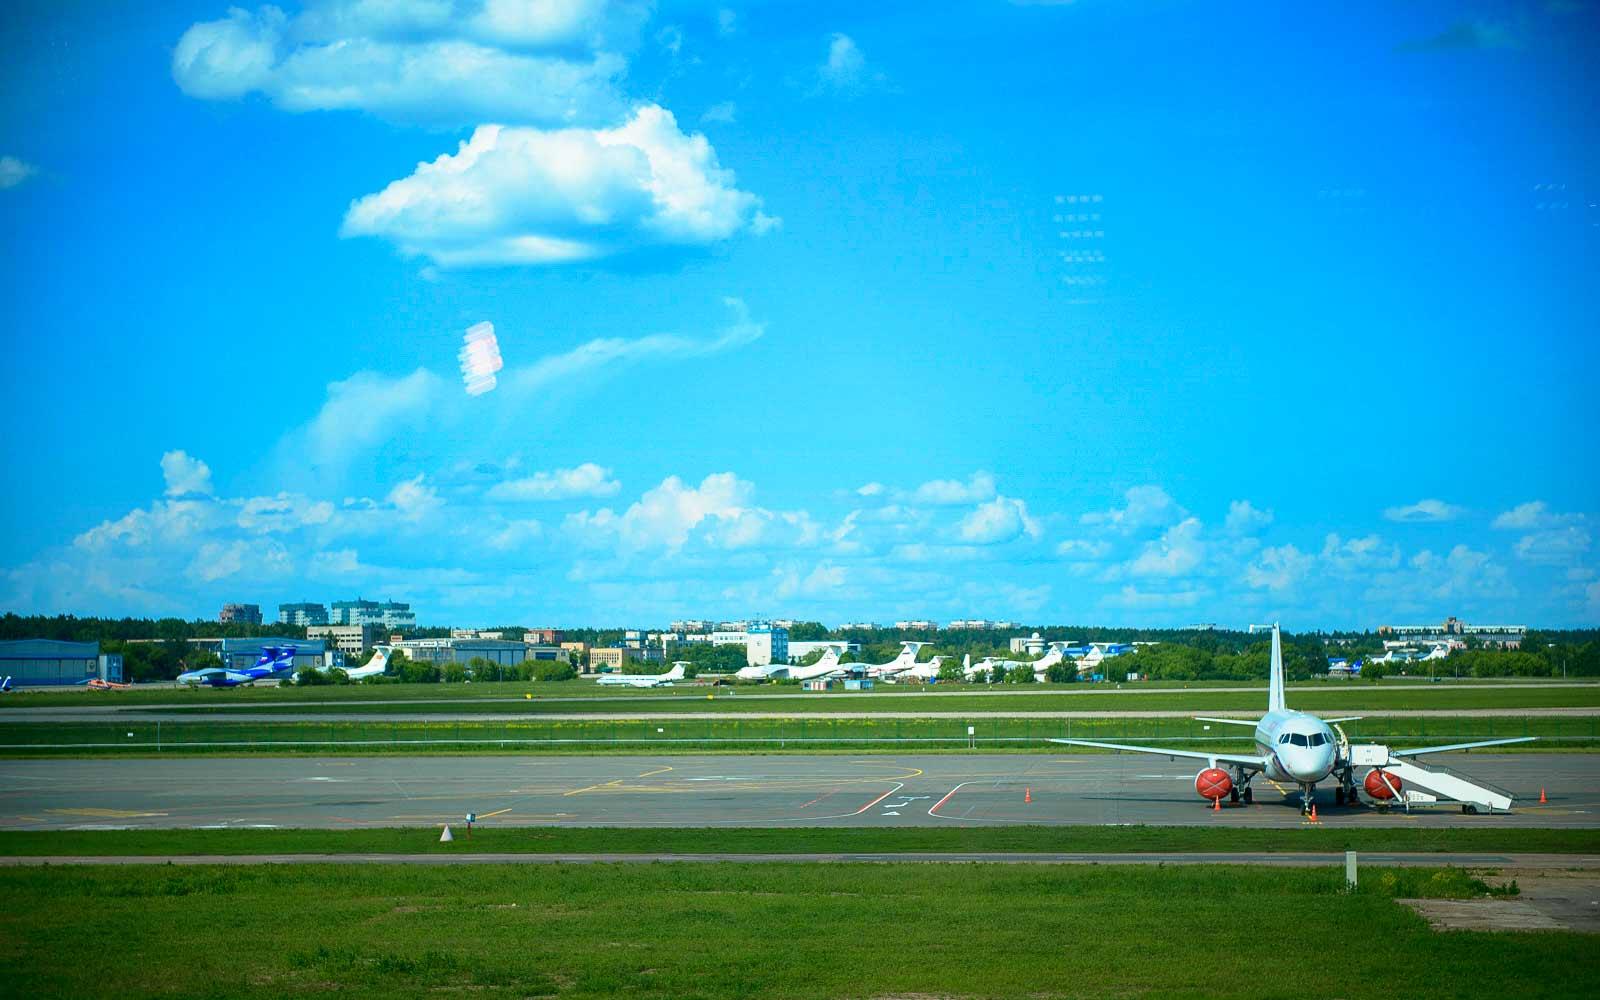 Длинная взлетно посадочная полоса в аэропорте жуковский